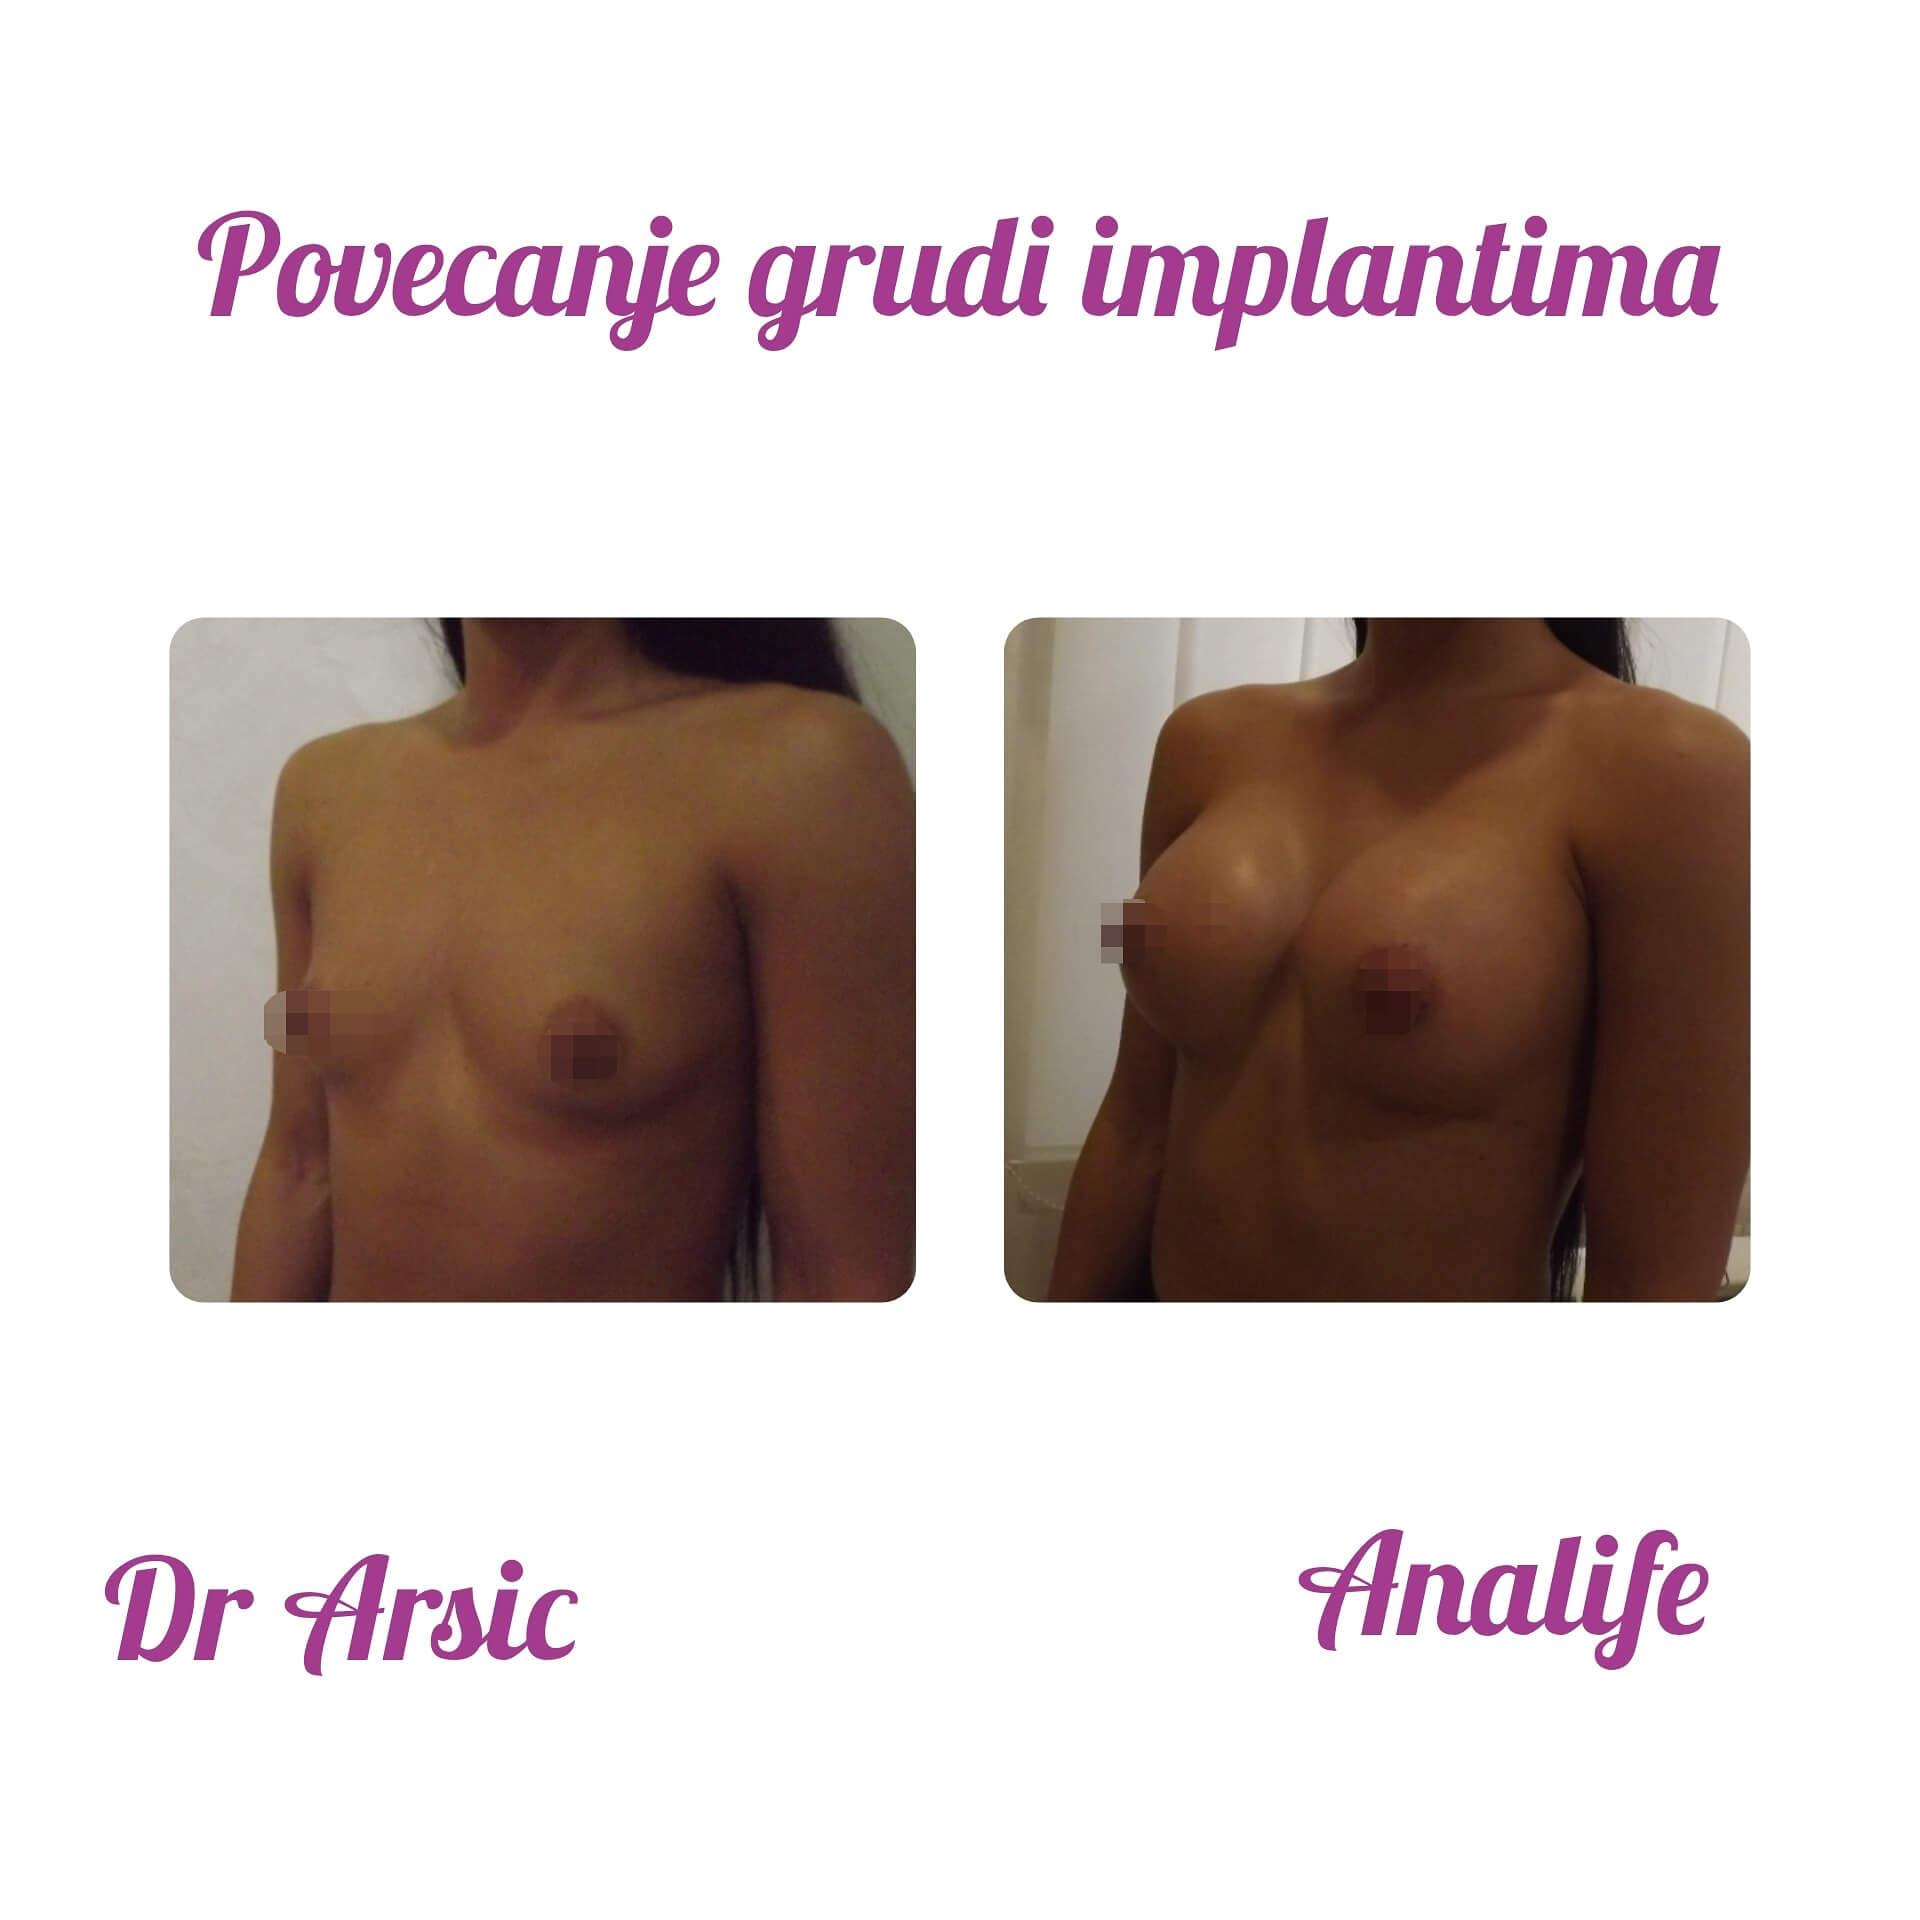 Neka Vaše grudi izgledaju savršeno, kao i Vi, uz Analife i dr Arsića!